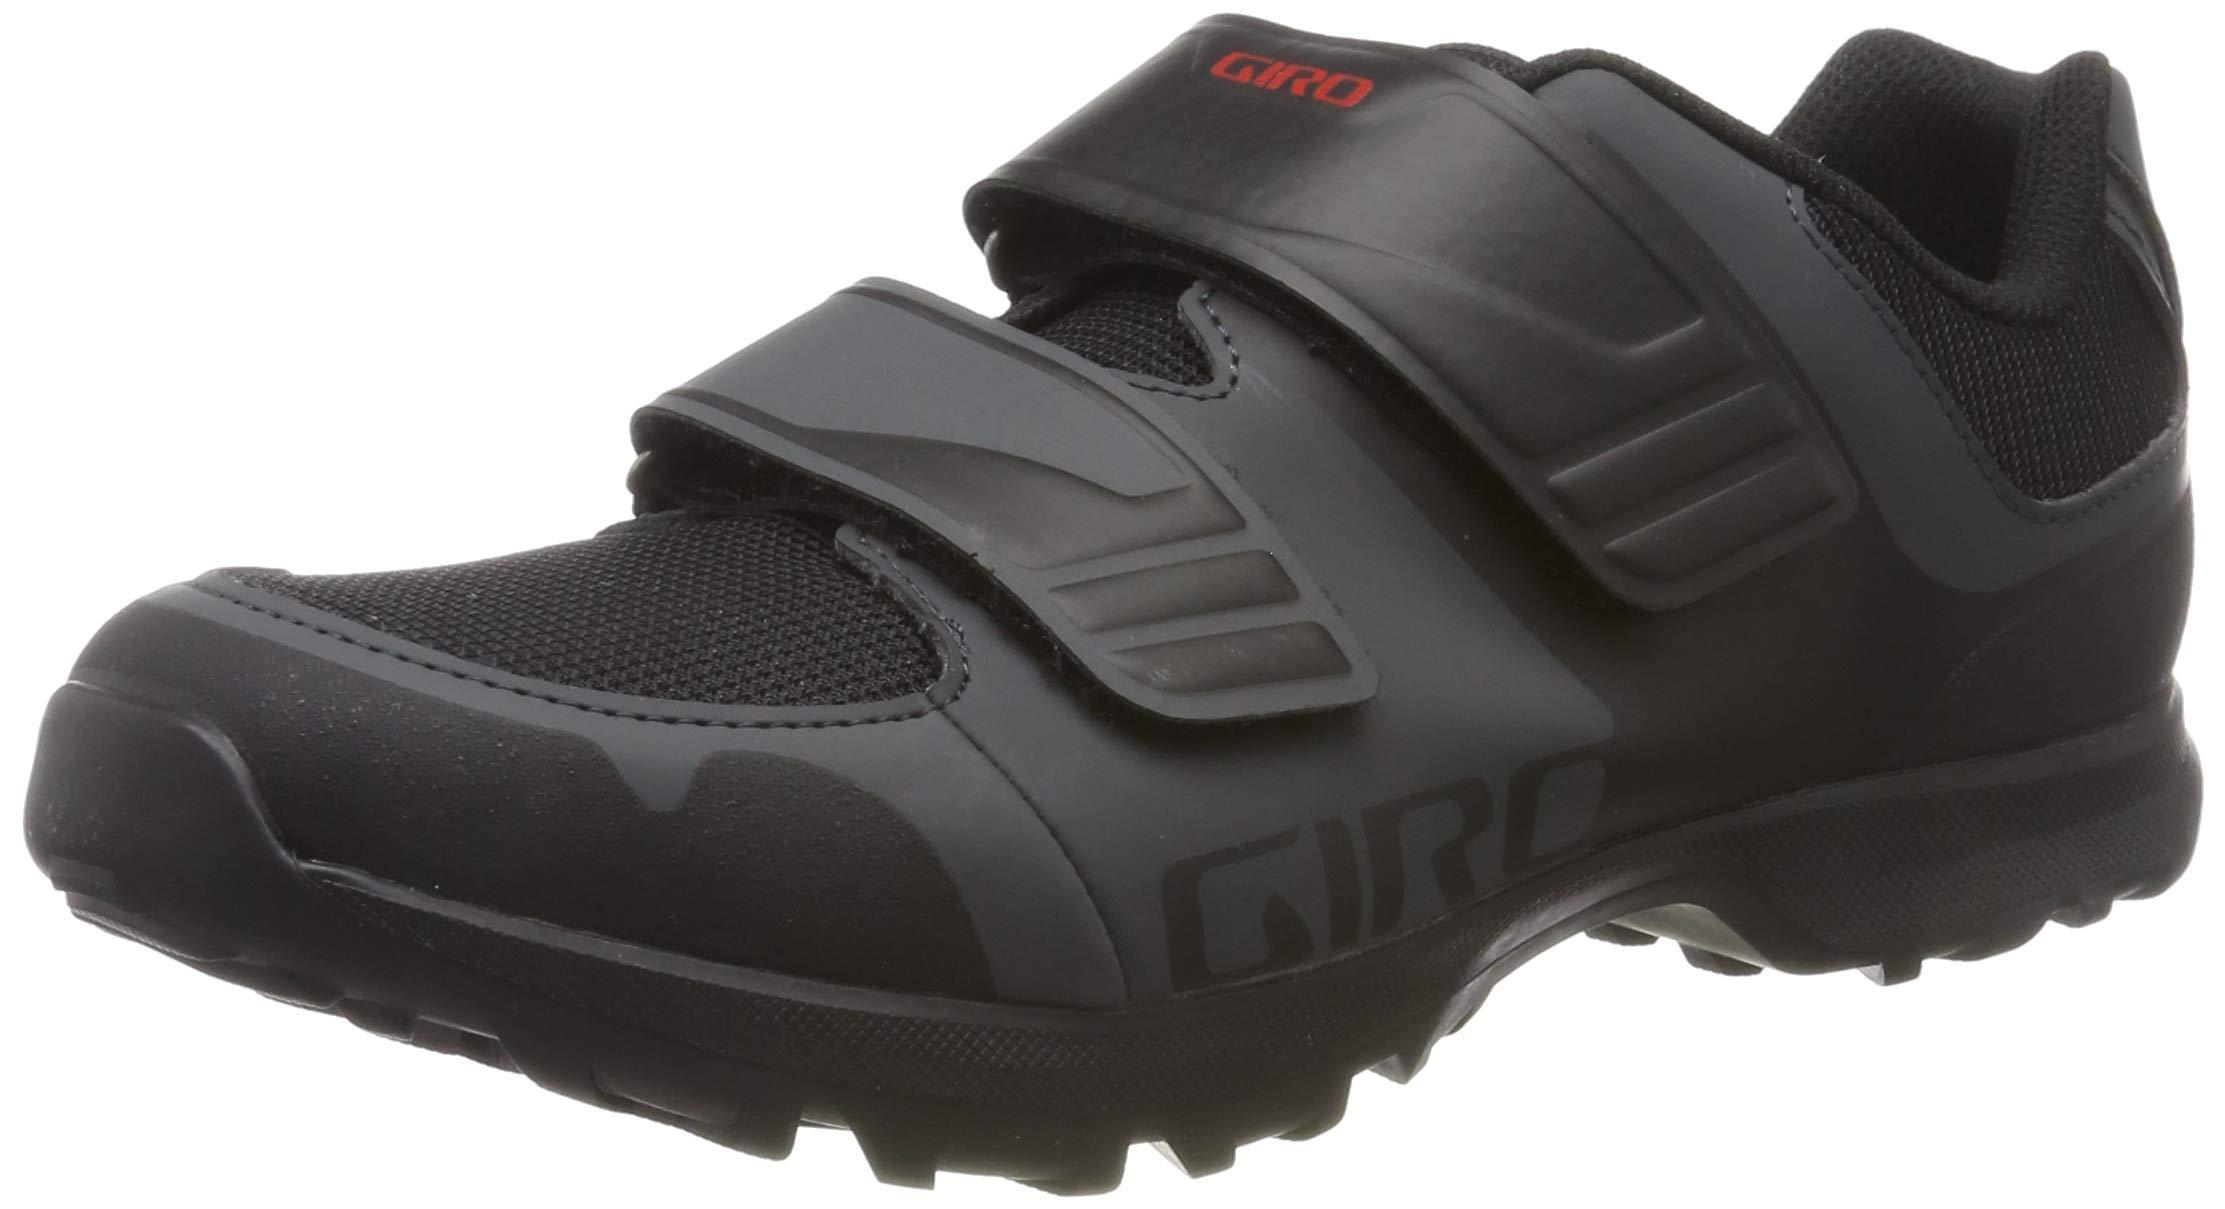 Giro Berm Cycling Shoes - Men's Dark Shadow/Black 42